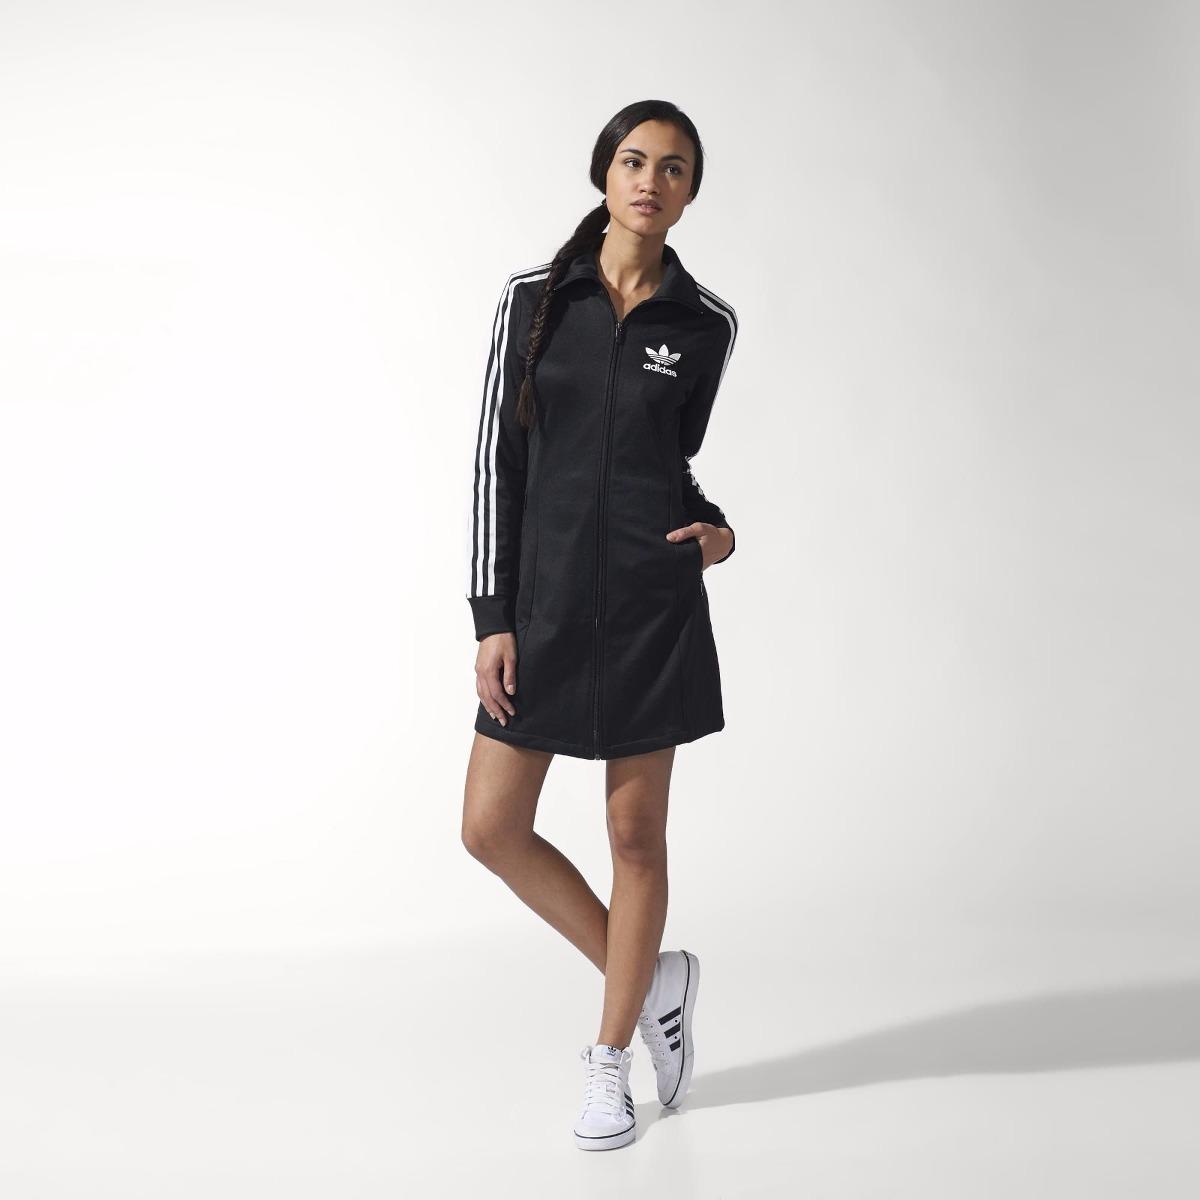 8763890d0 vestido adidas originals europa black sobretudo novo 1magnus. Carregando  zoom.